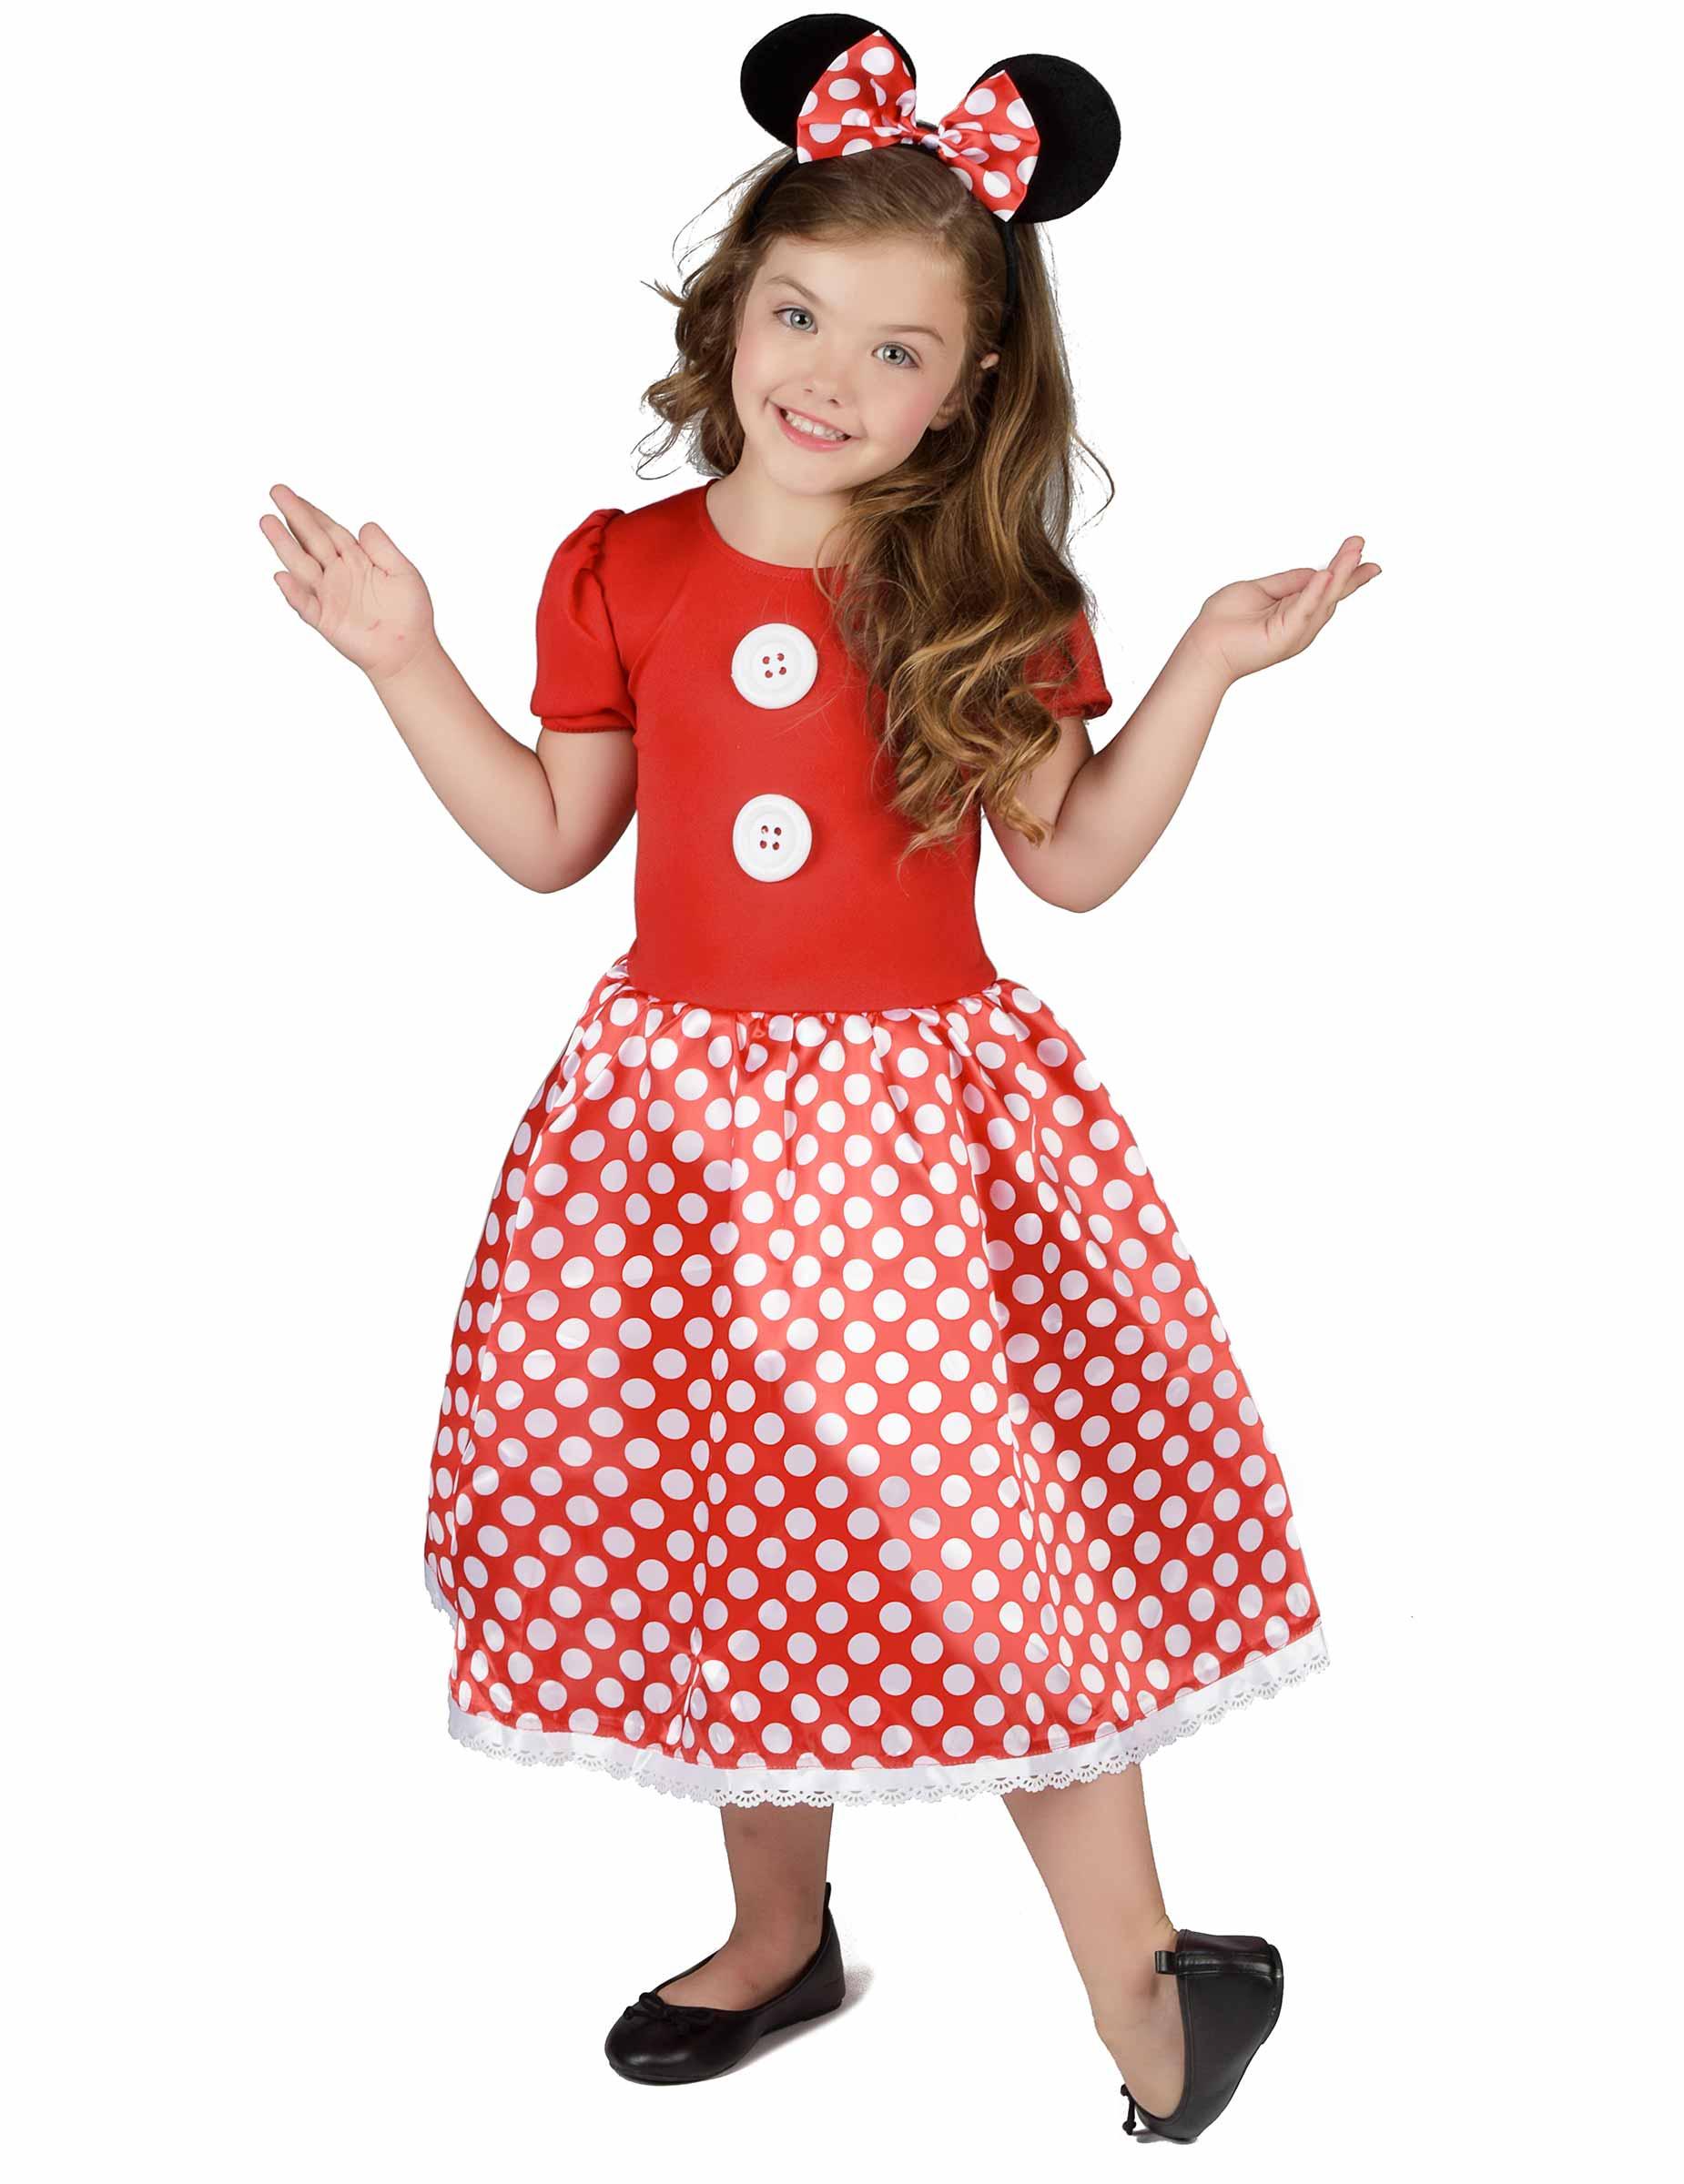 b0965e0ae14a Rødt mussekostume med hvide prikker - Kjole til piger